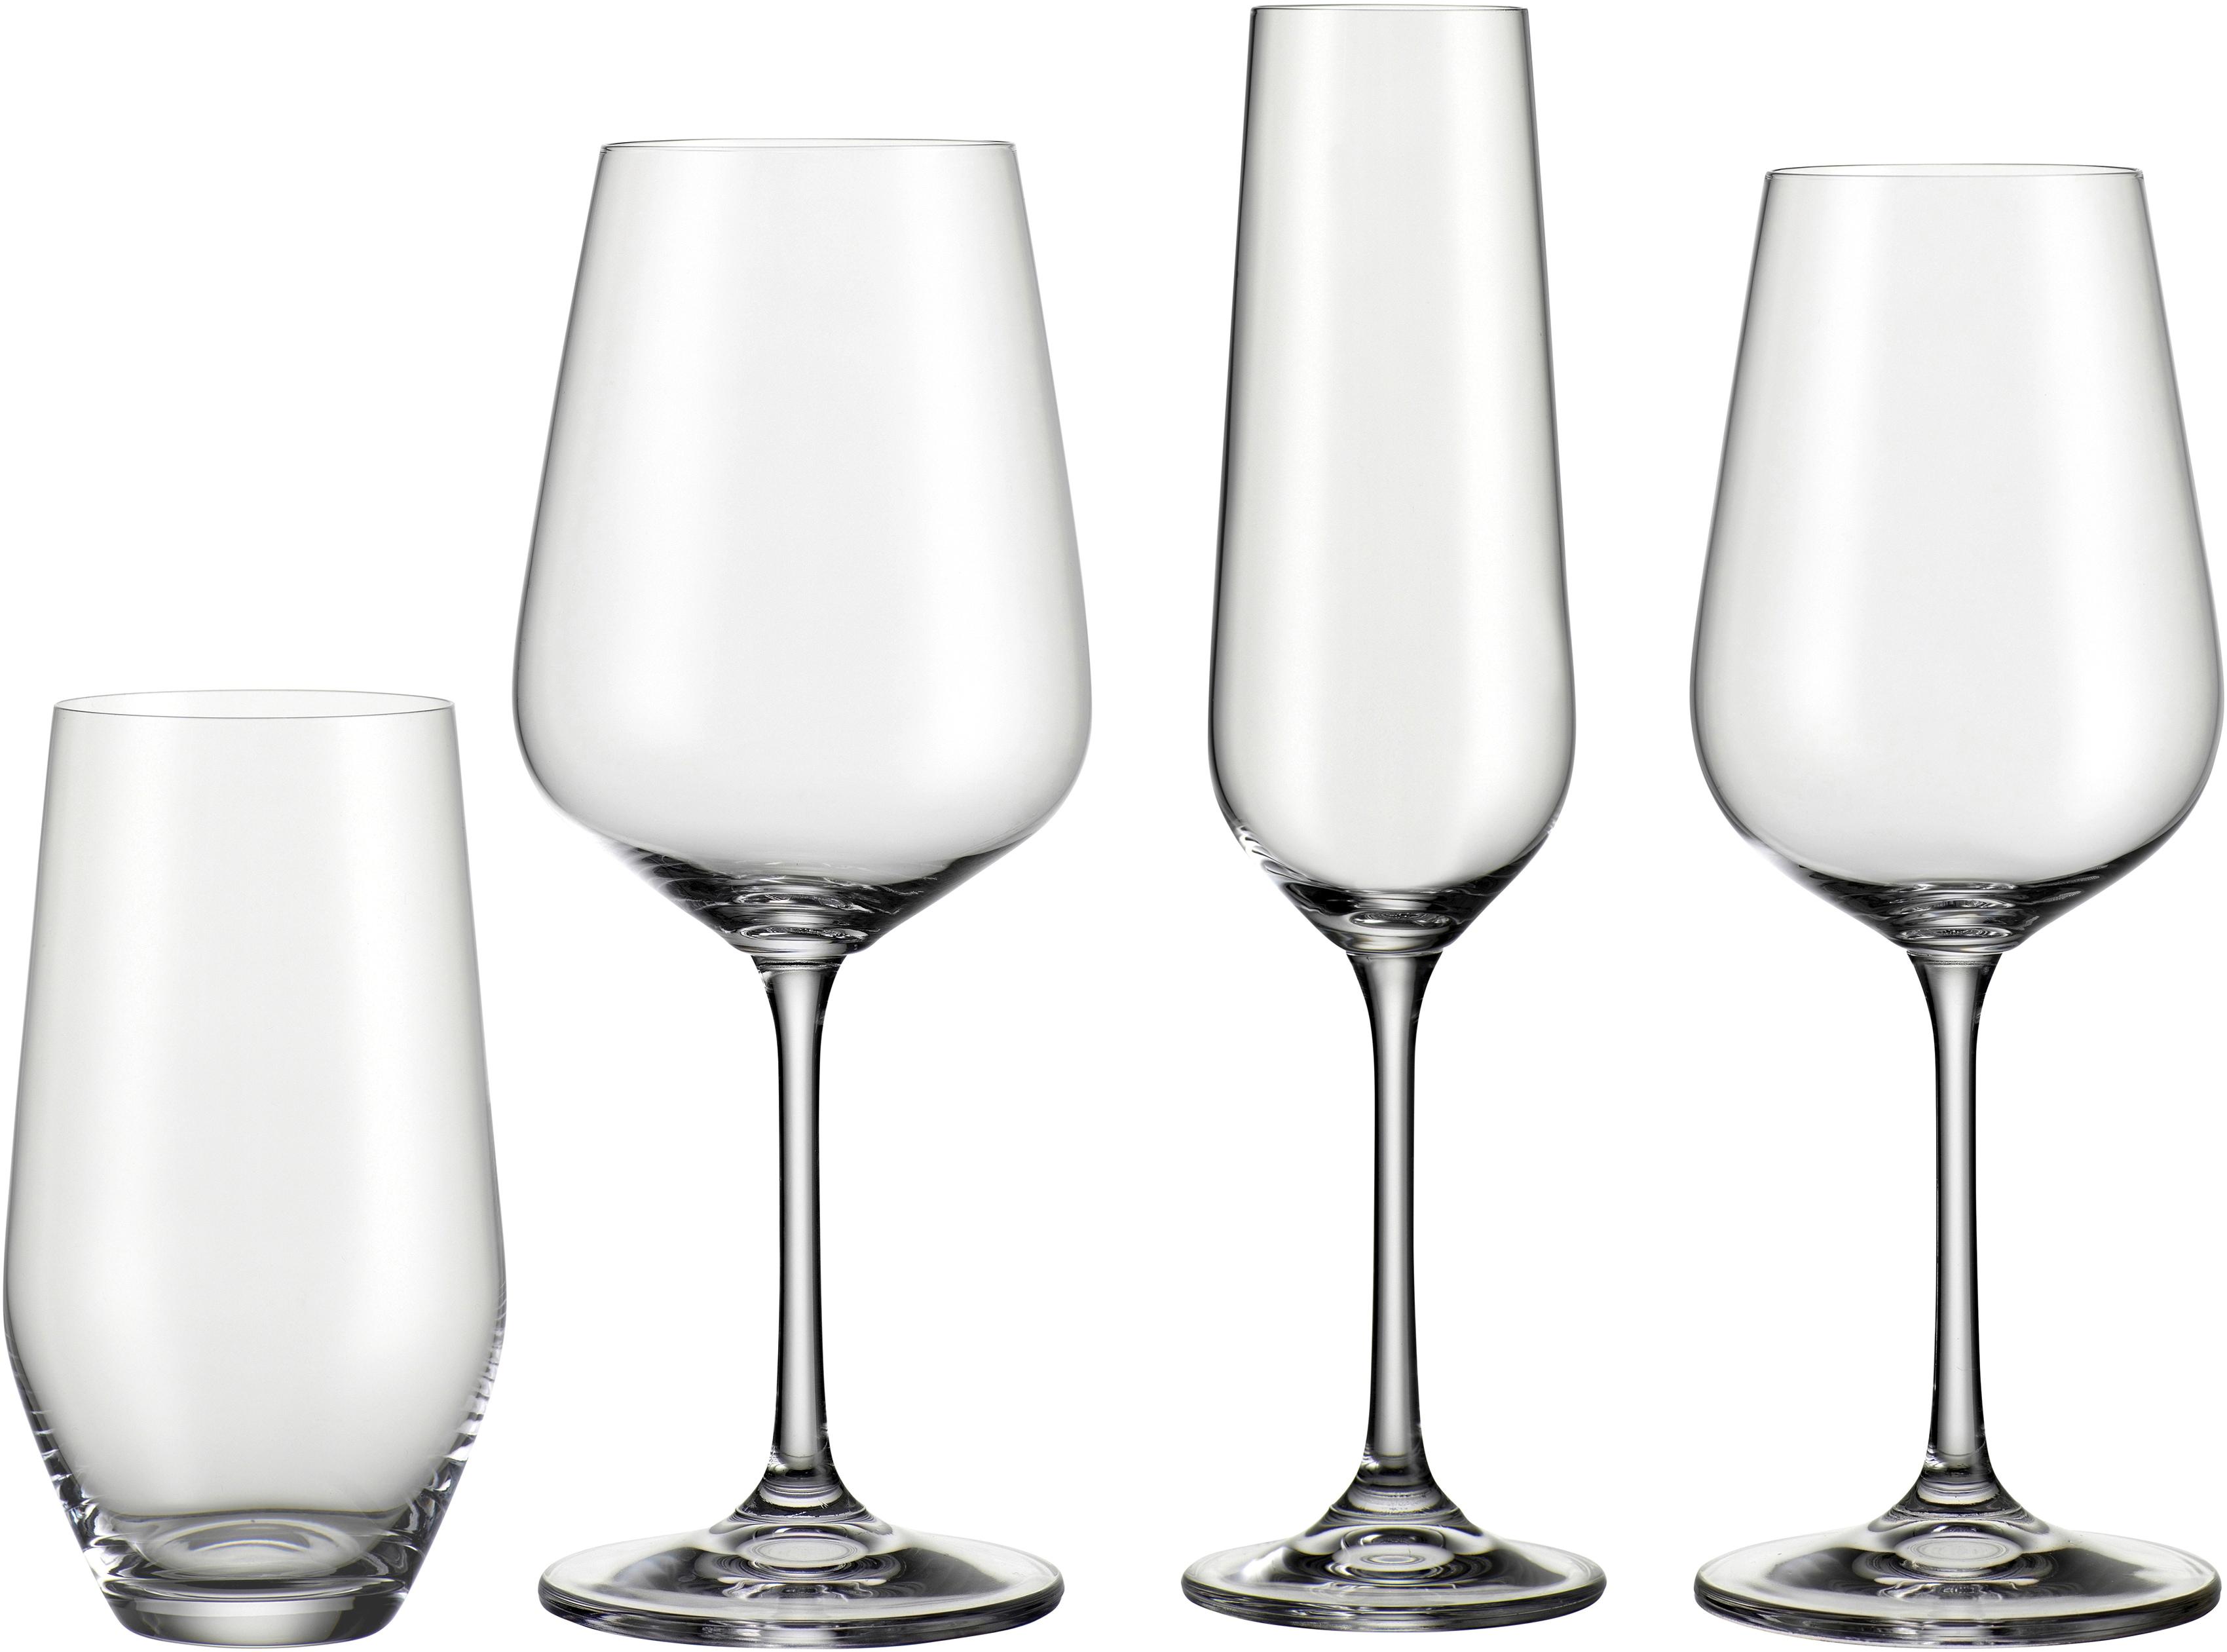 BOHEMIA SELECTION Gläser-Set, (Set, 24 tlg., 6 Rotweinkelche, Weißweinkelche, Sektkelche, Becher) farblos Kristallgläser Gläser Glaswaren Haushaltswaren Gläser-Set